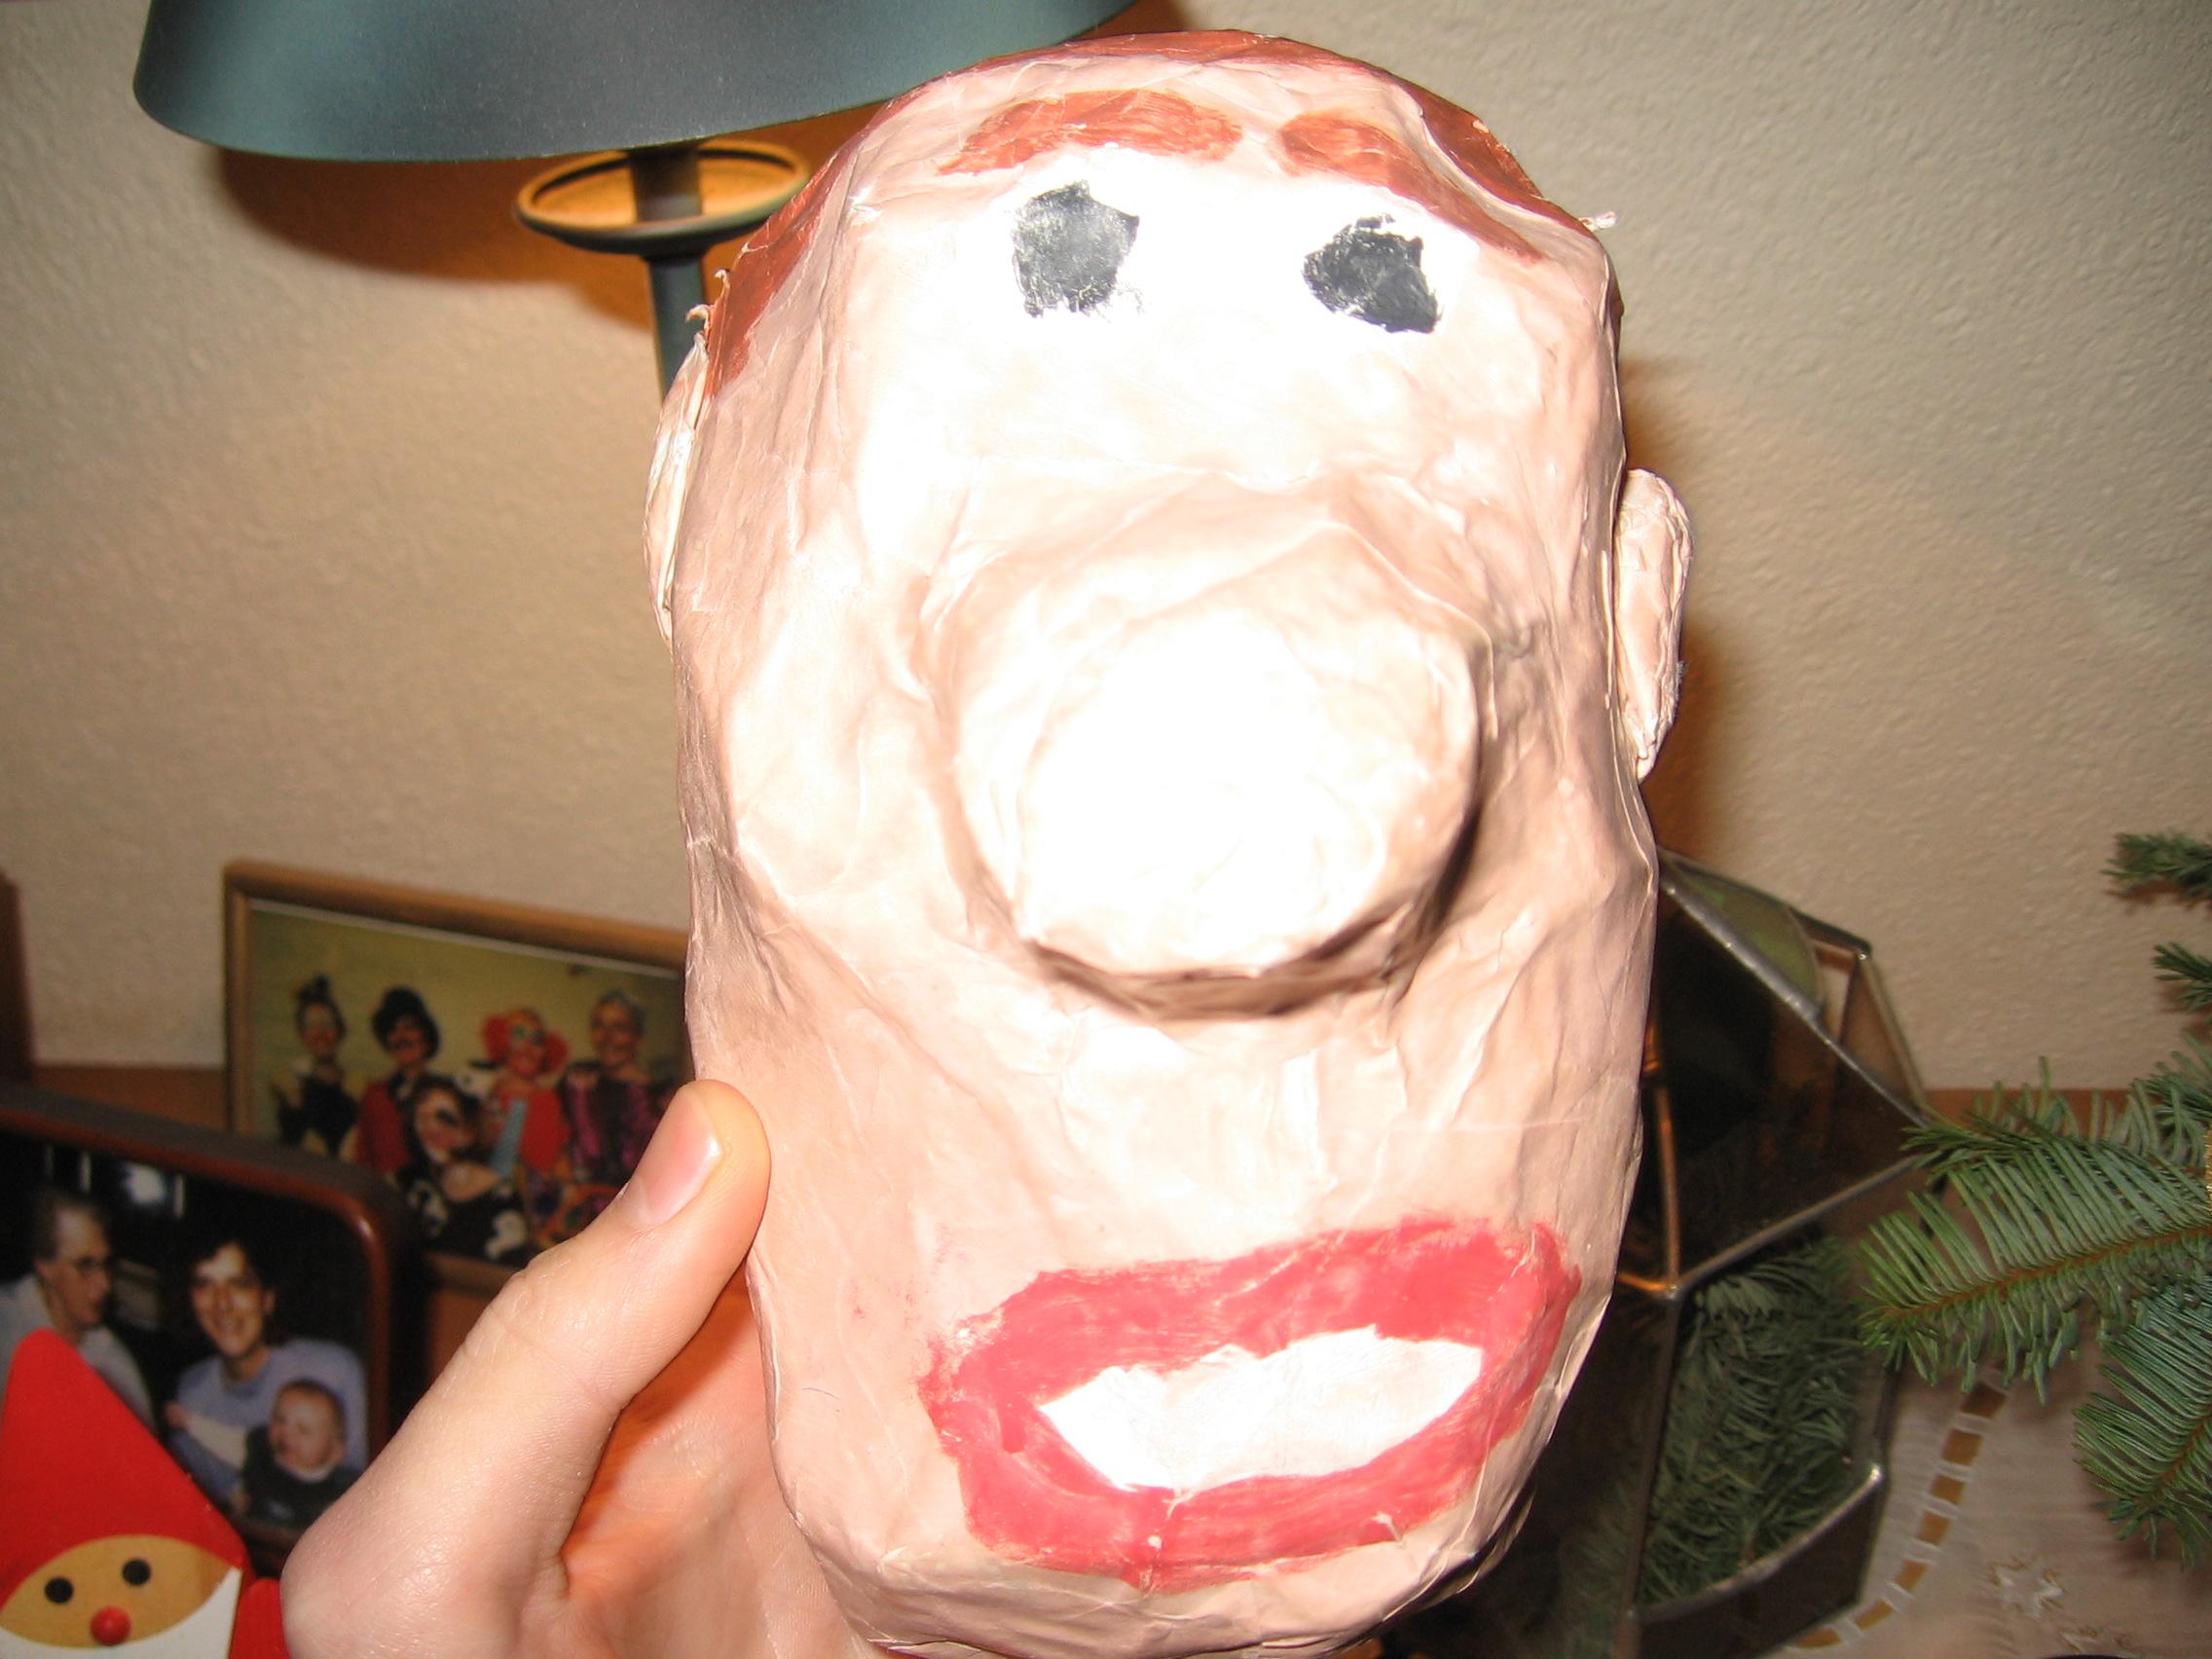 Hässlicher Kopf